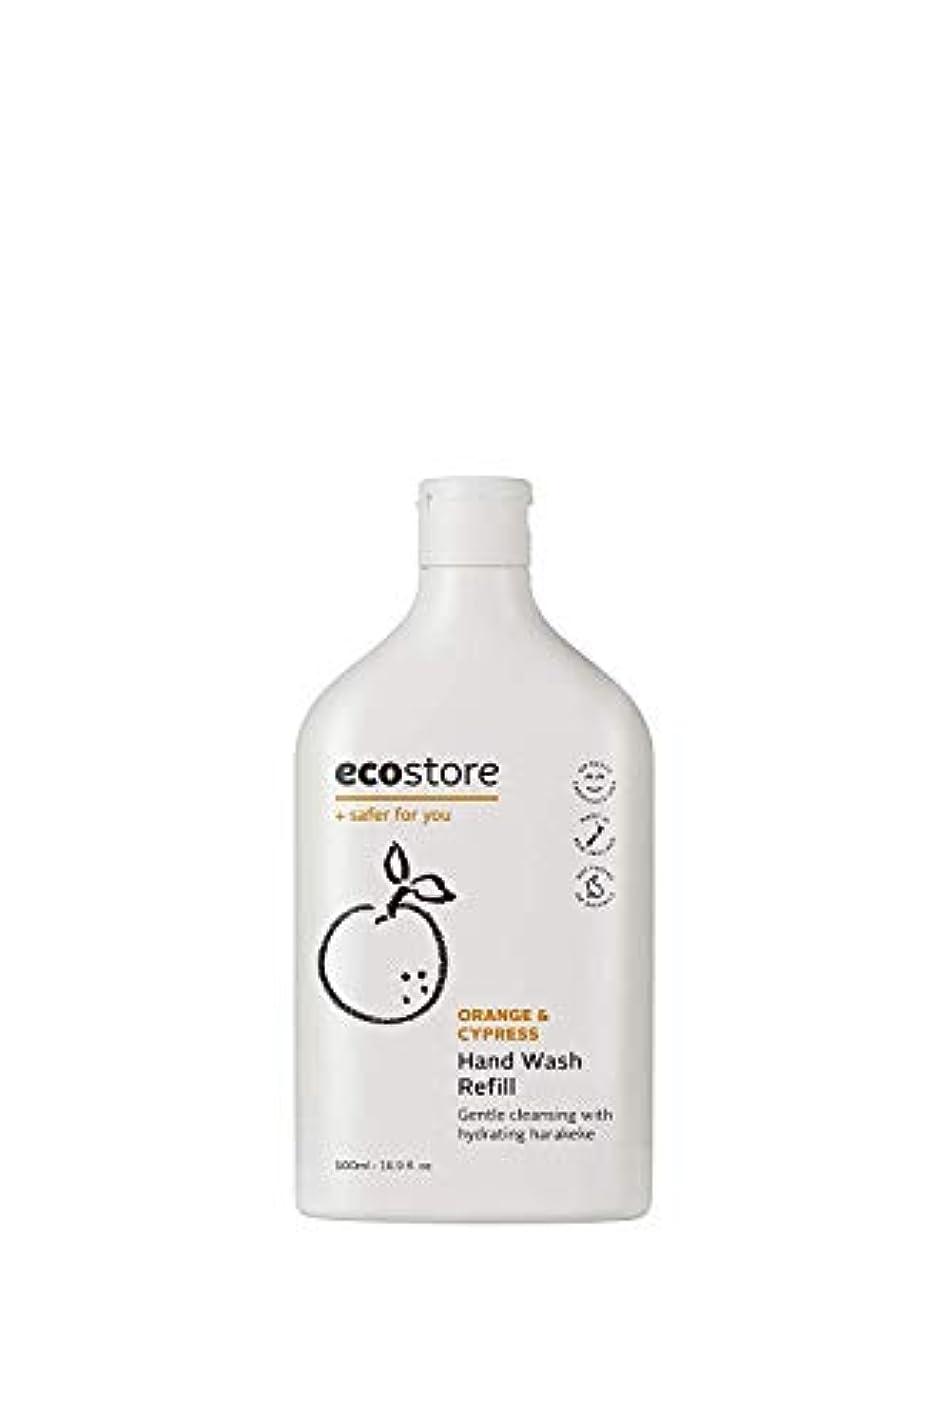 やめる追い付く行方不明ecostore(エコストア) ハンドウォッシュ 【オレンジ&サイプレス】 500mL 詰め替え用 液体タイプ